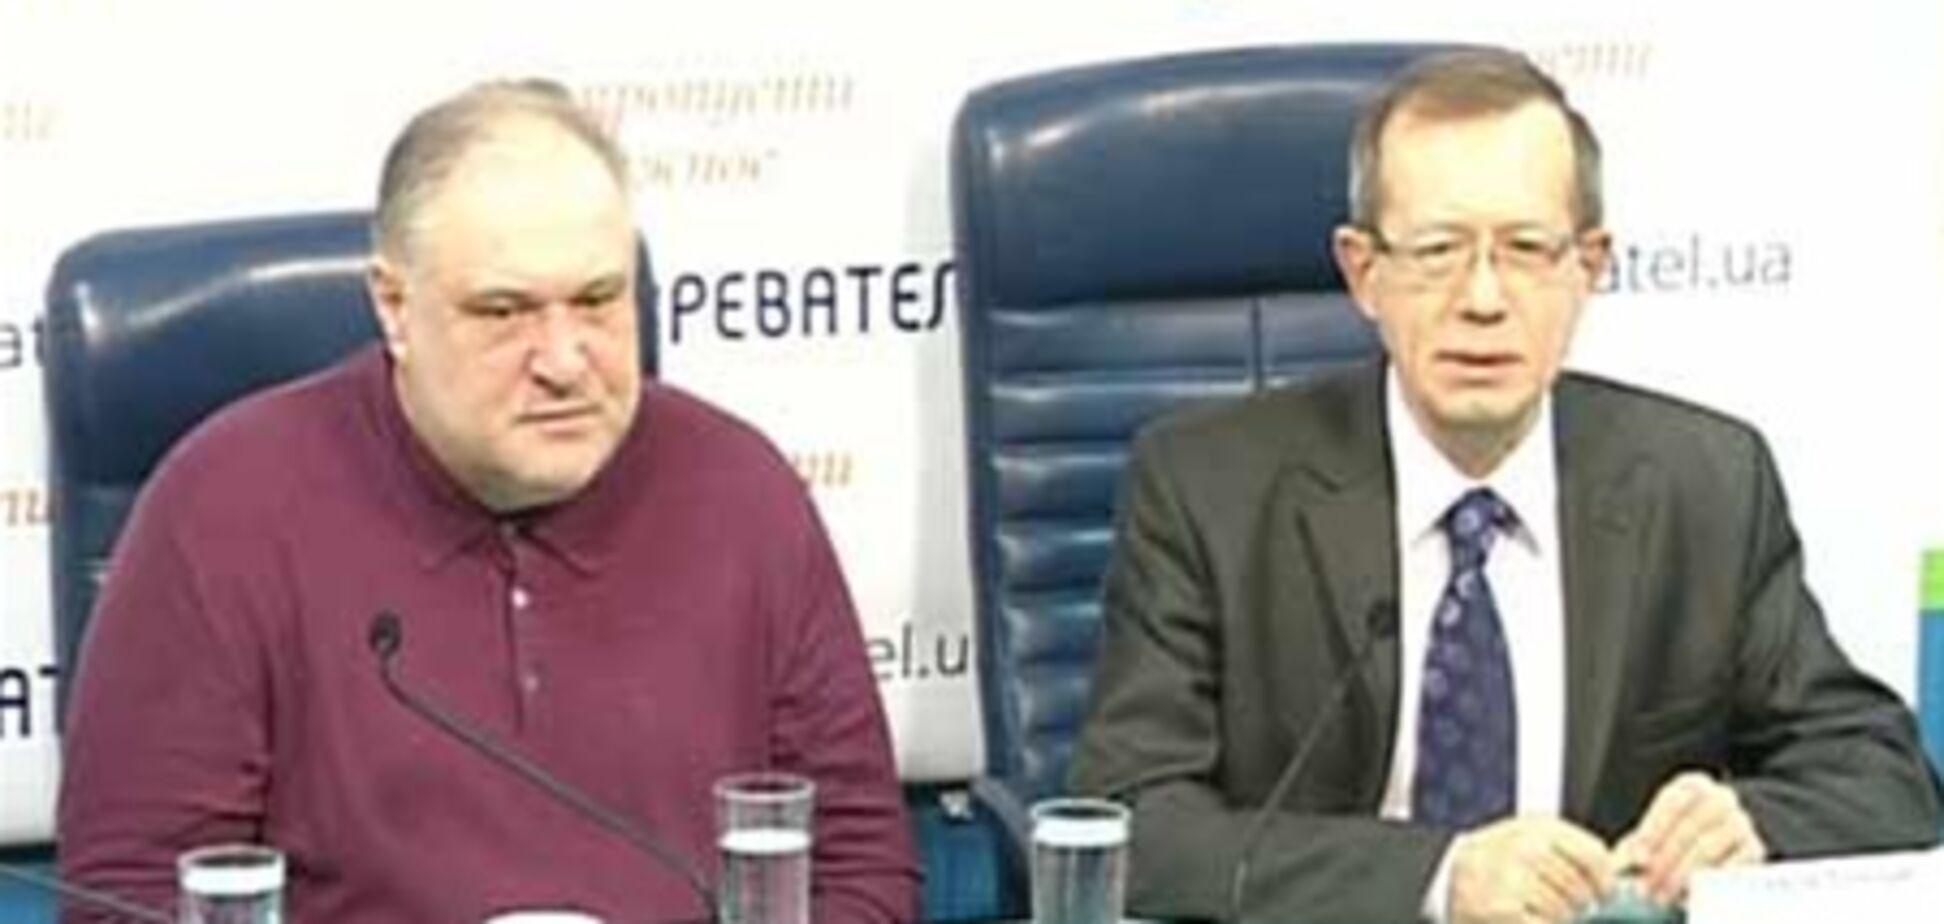 Дело Тимошенко парализовало оппозицию – эксперт